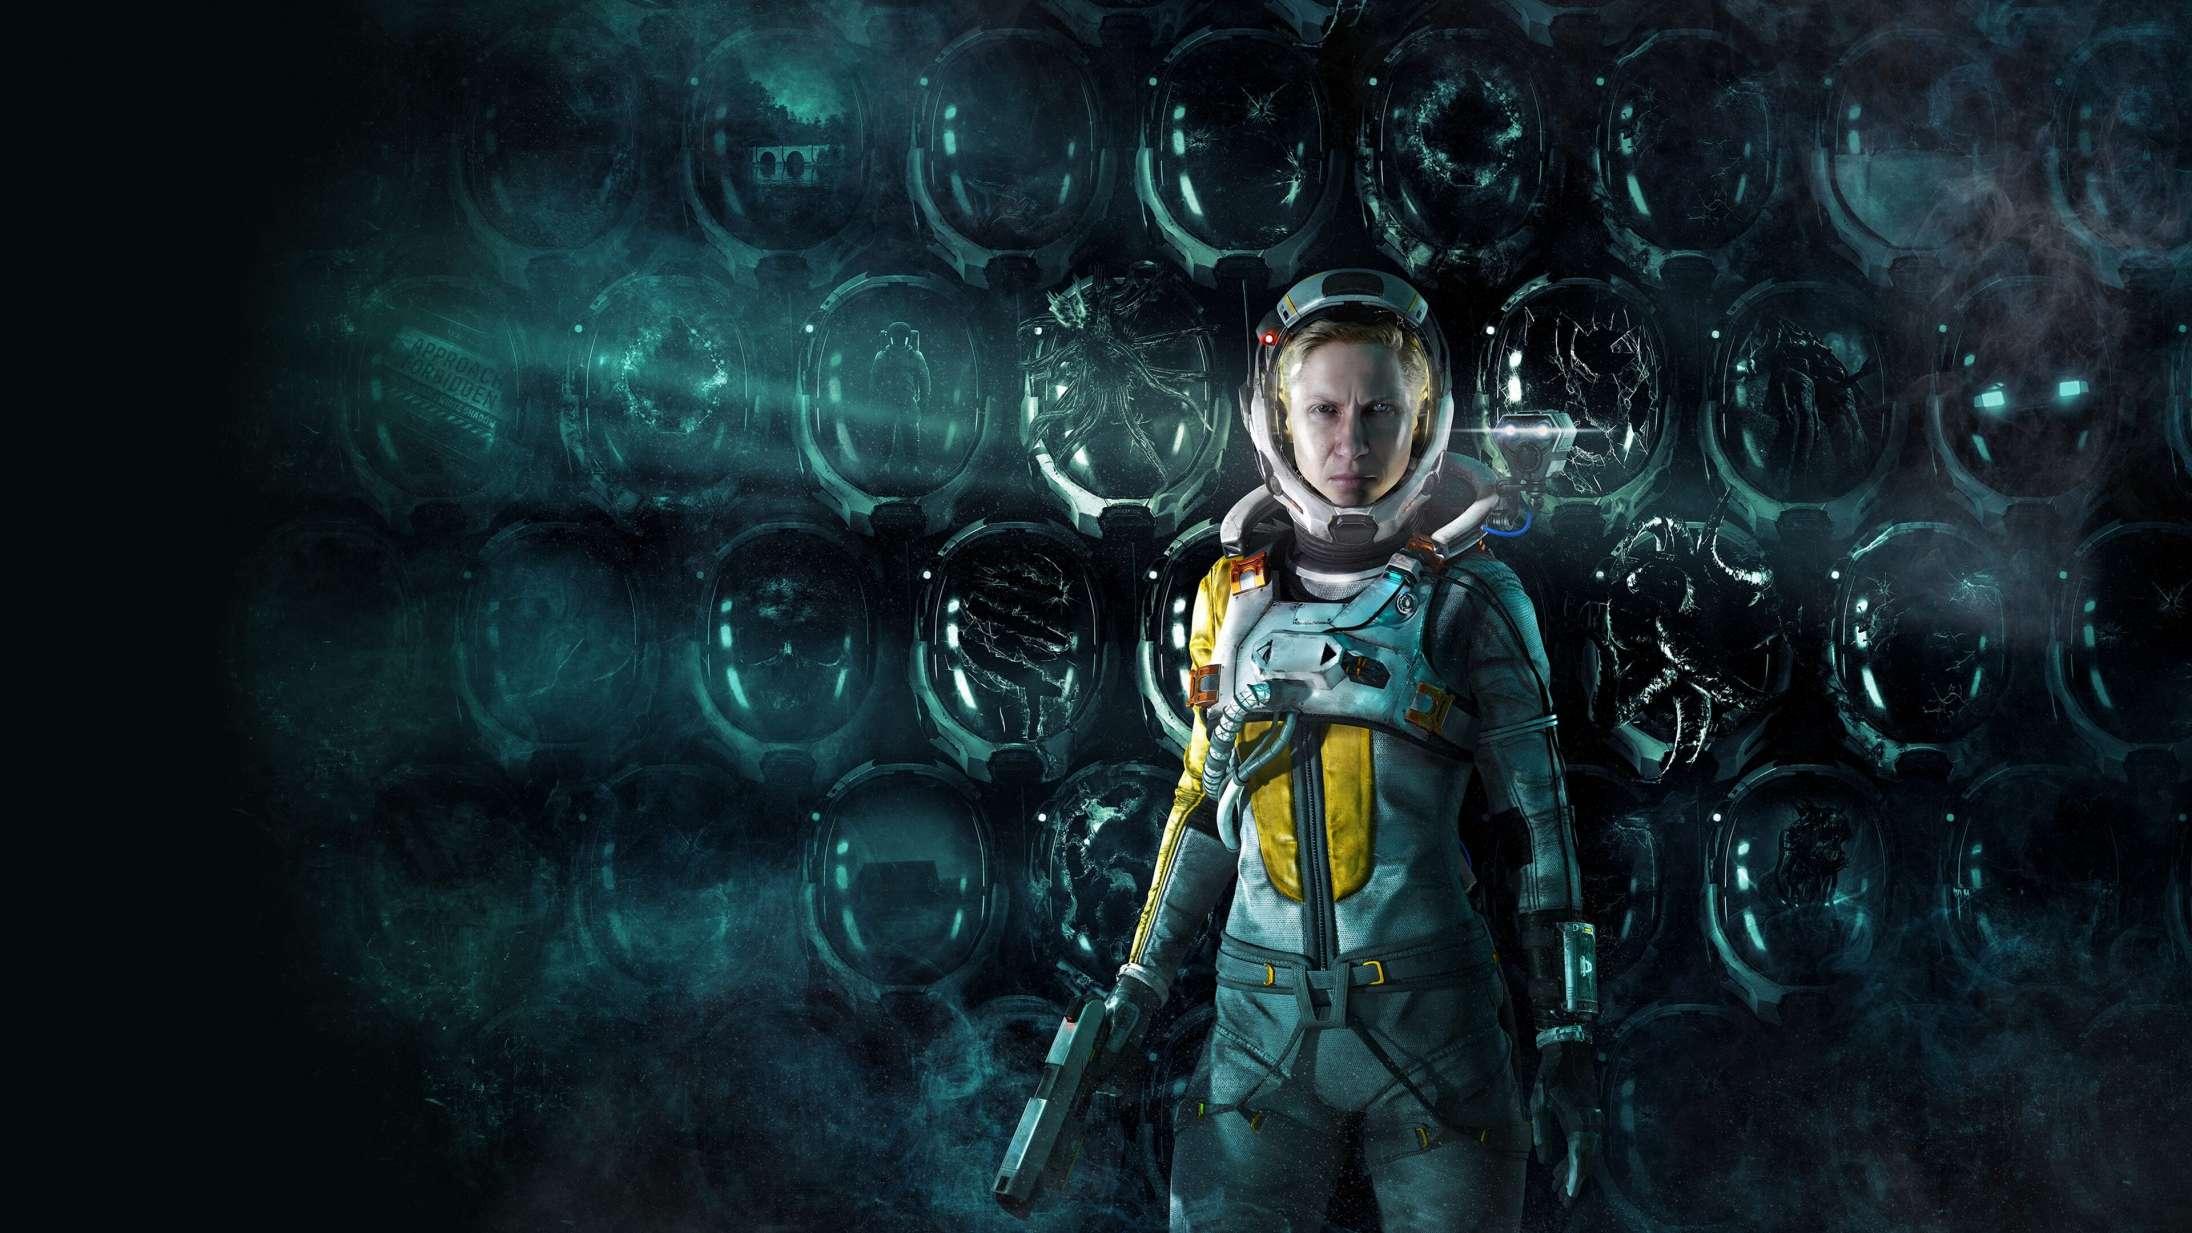 Skræmmende gys i rummet er en mesterlig pragtpræstation for PlayStation 5